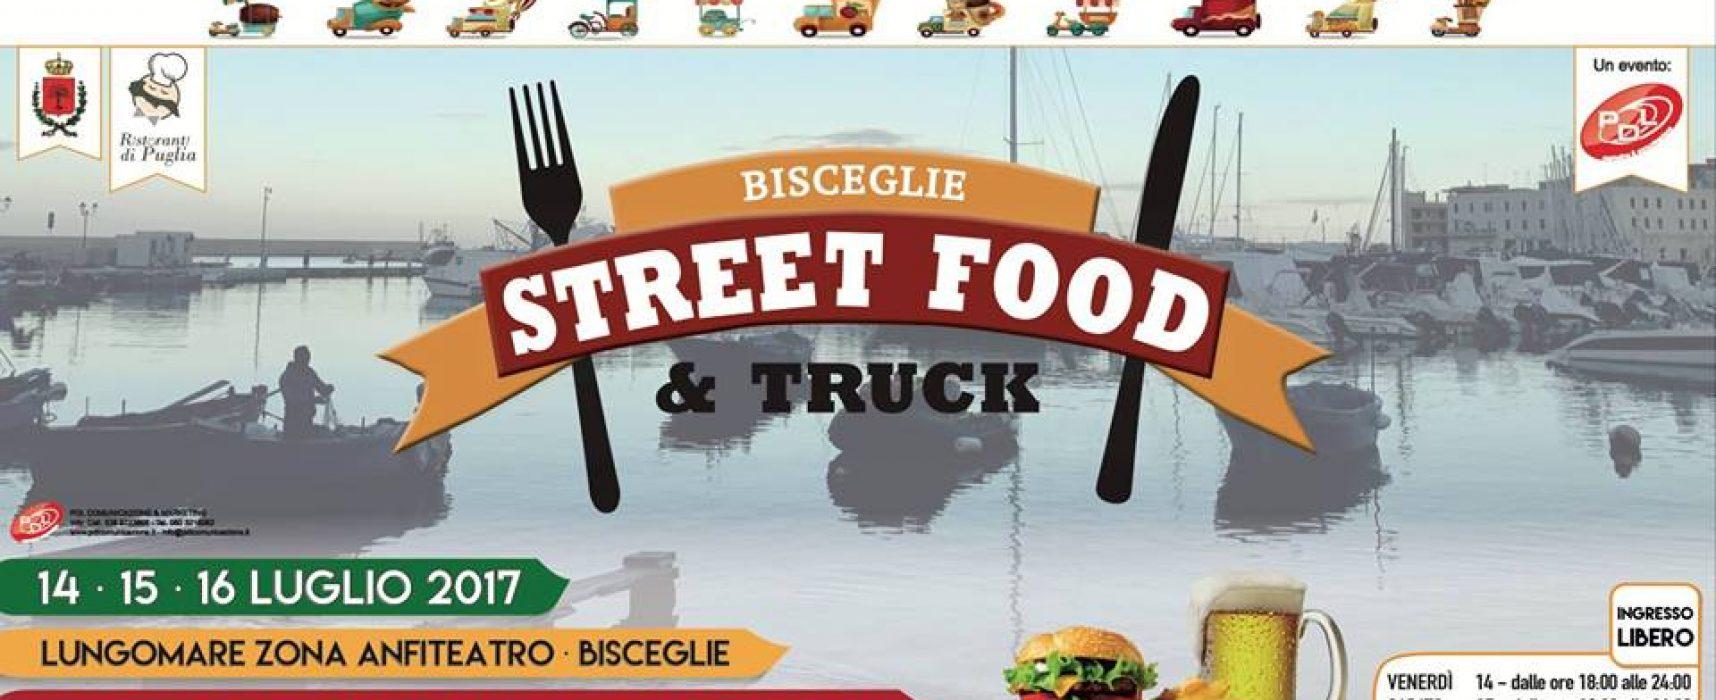 """""""Street Food & Truck"""" arriva a Bisceglie per tre giorni all'insegna di musica, cibo e divertimento"""